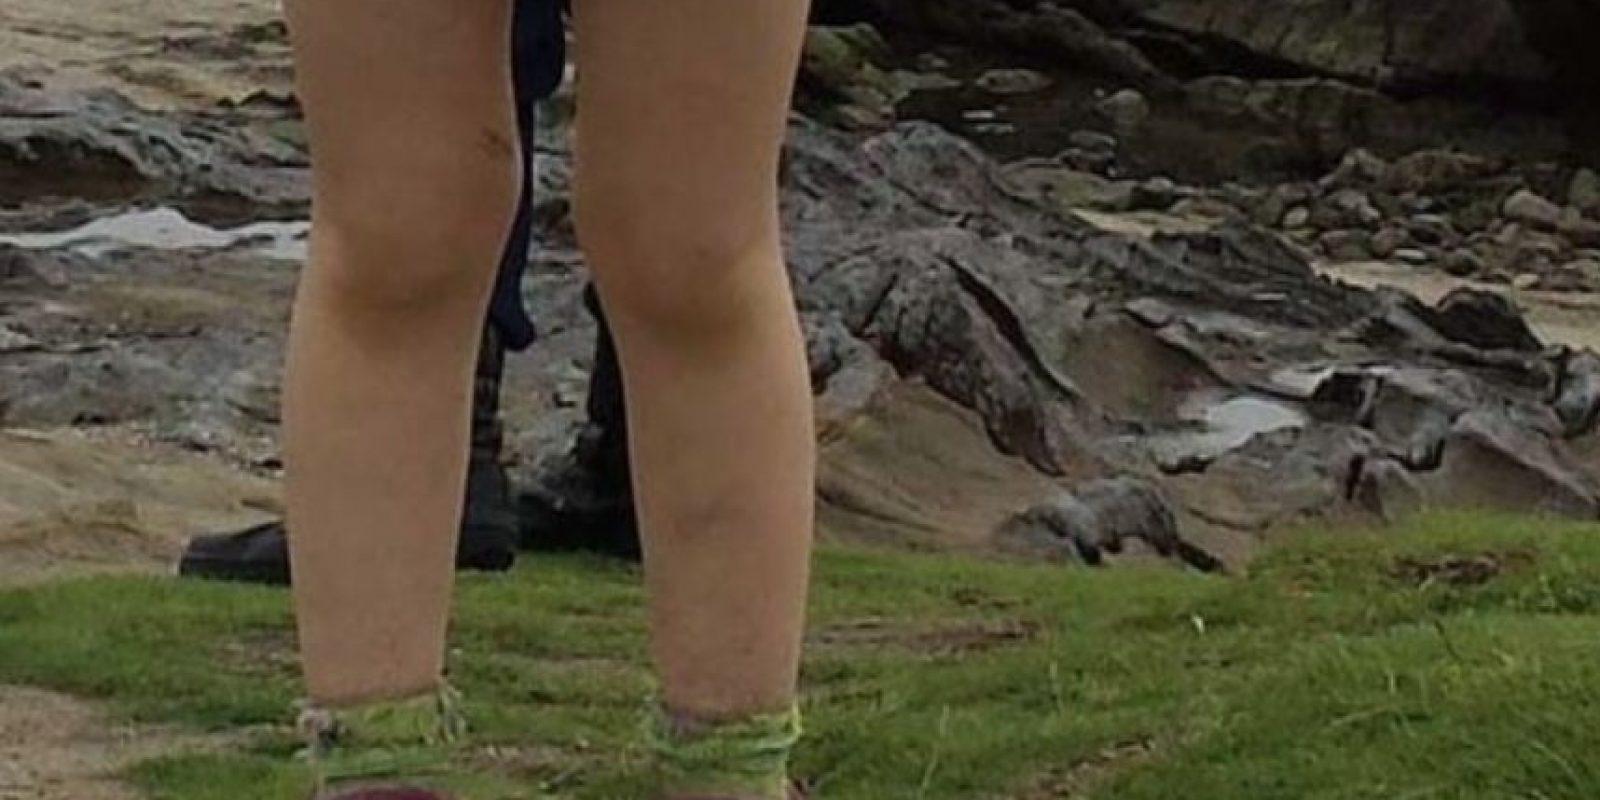 Los pies de alguien. SÍ. LOS PIES DE ALGUIEN. Según Internet, como la foto fue tomada en Japón parecen ser los de un samurai. Quien la tomó dijo que no hubo Photoshop. Foto:vía Imgur